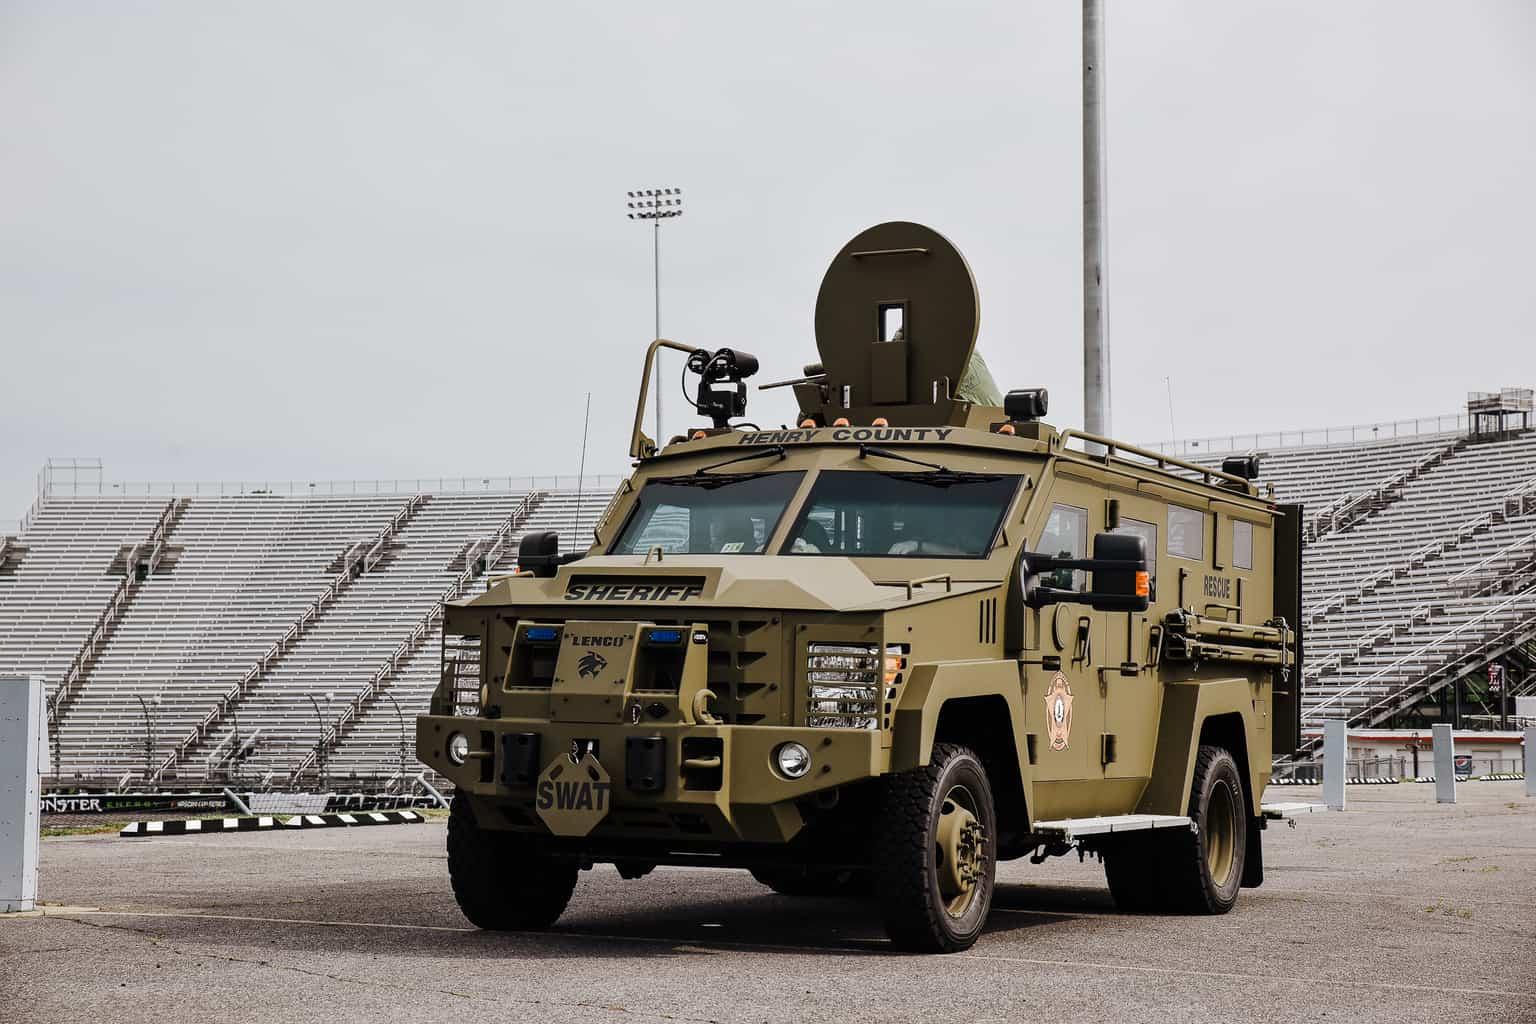 swat-response-to-a-public-venue-5